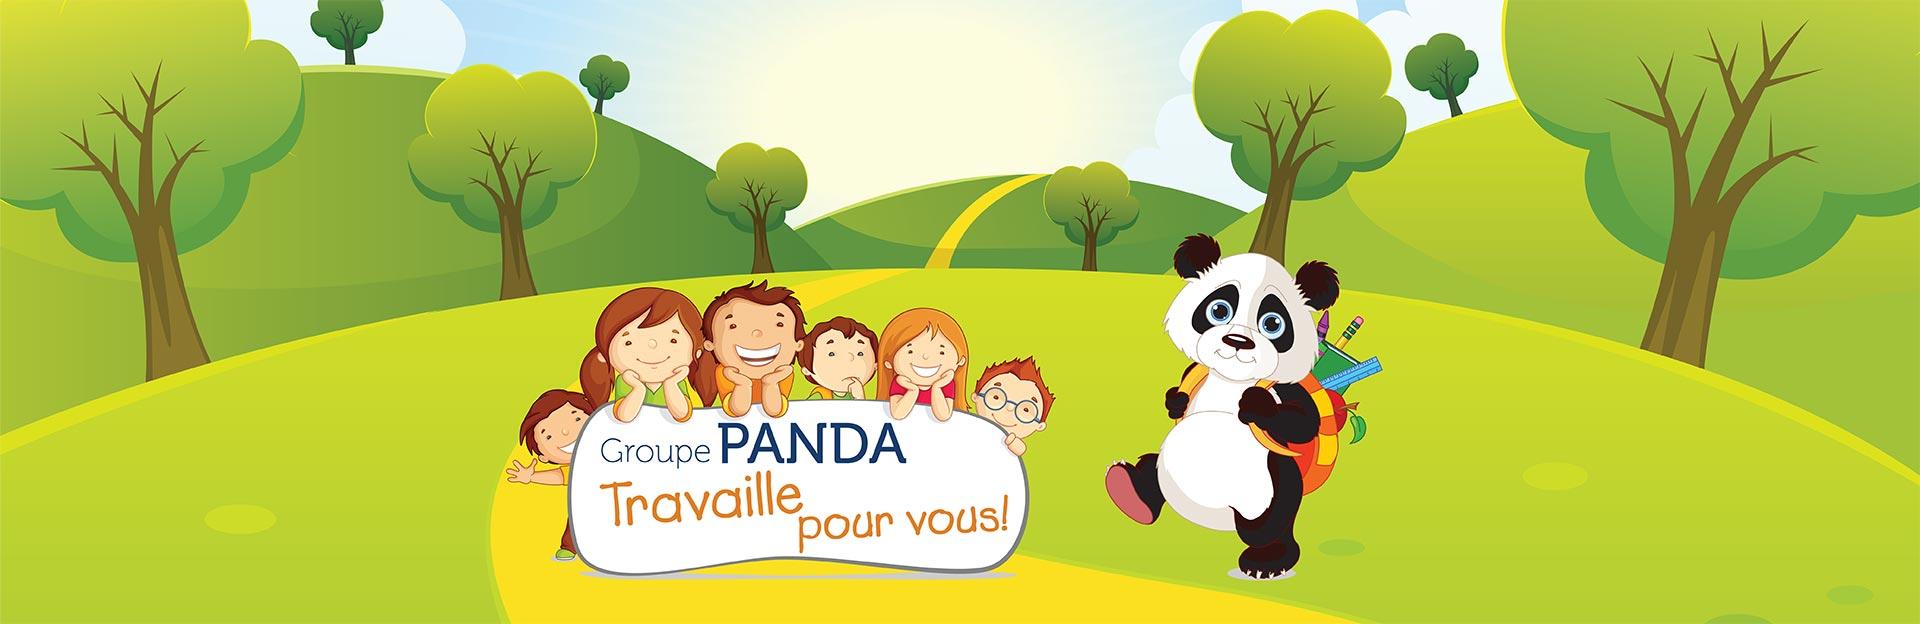 Groupe Panda travaille pour vous